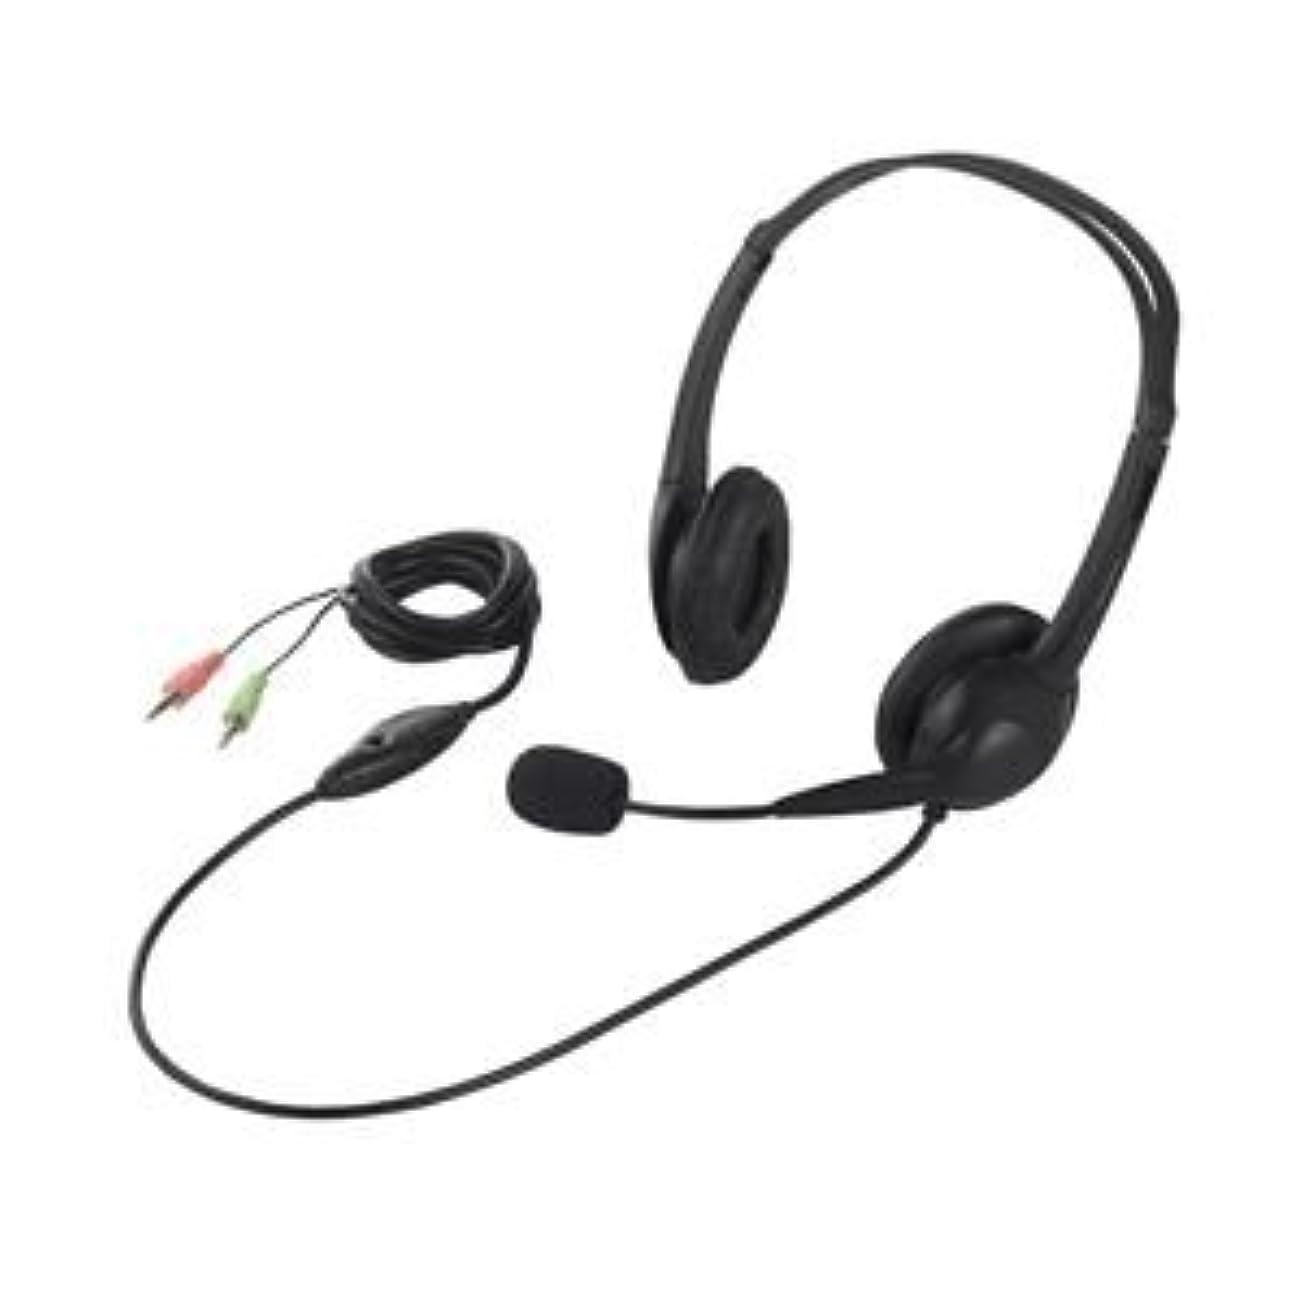 制限する違う印象的な日用品 ヘッドホン 関連商品 ヘッドセット 両耳ヘッドバンド式 半密閉タイプ ノイズ低減 ブラック